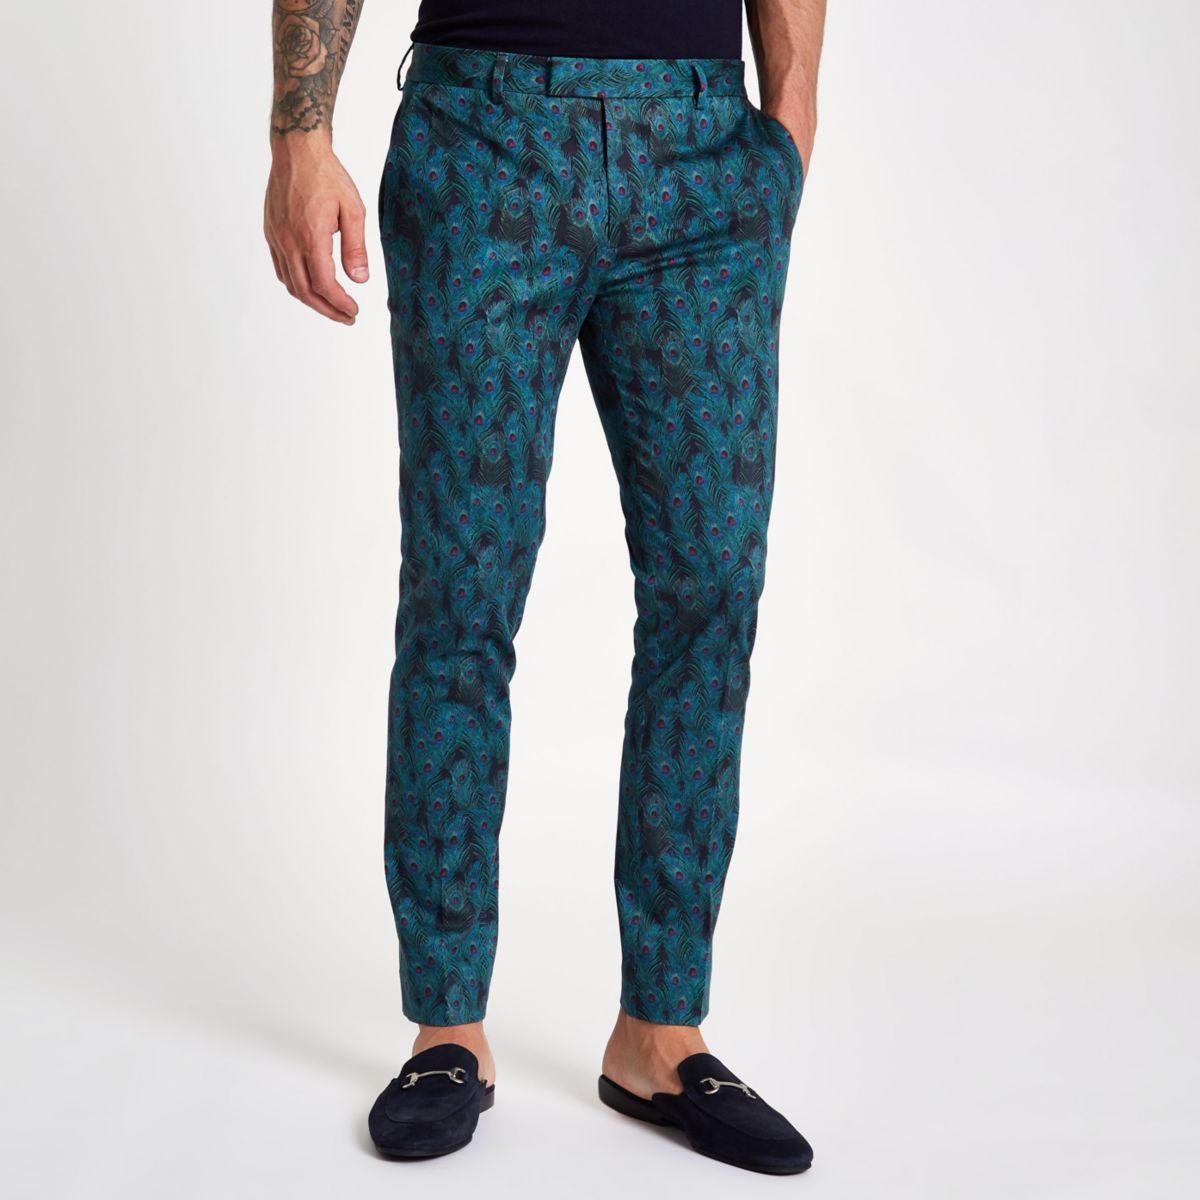 Black peacock print super skinny pants